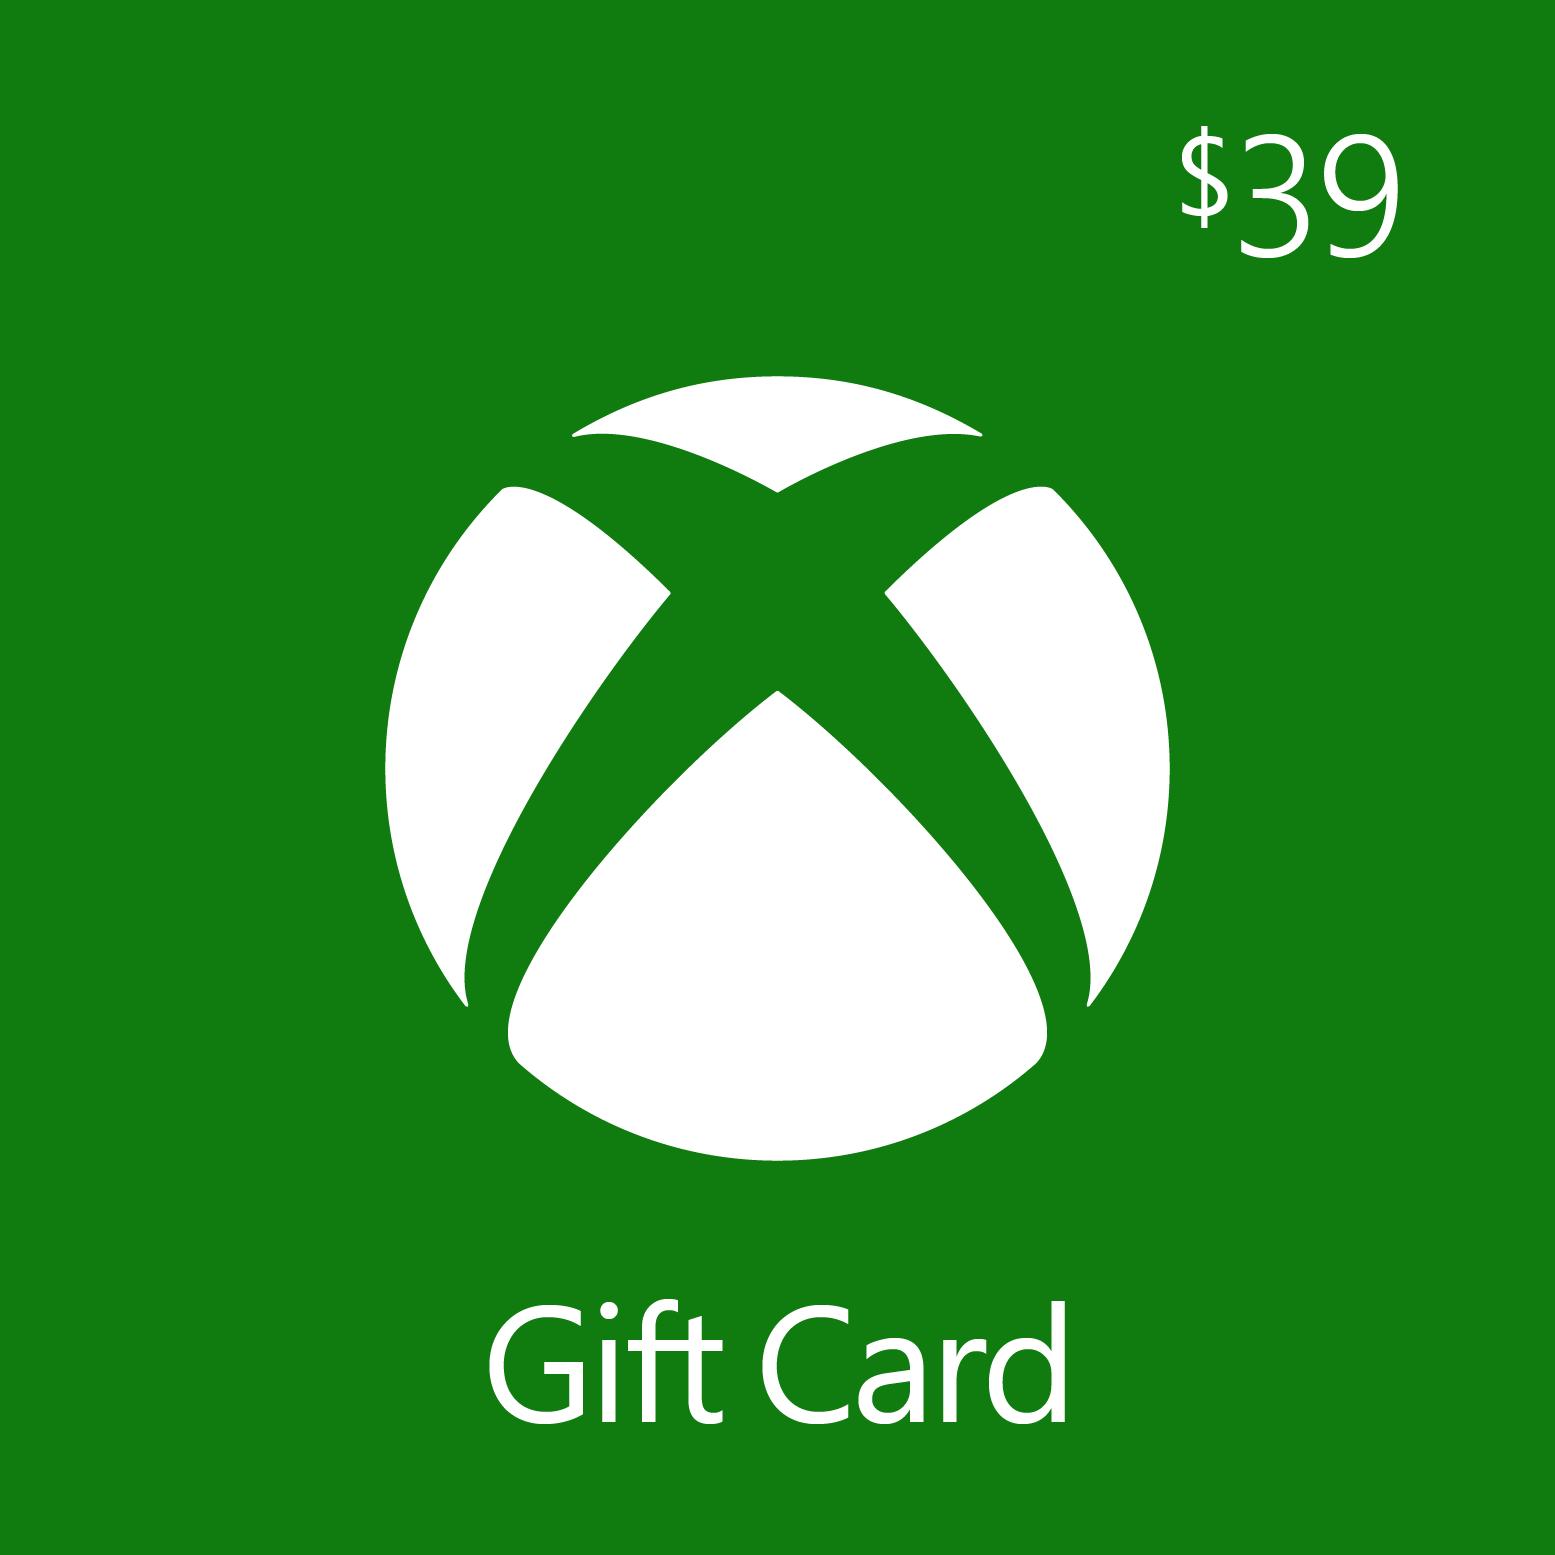 $39.00 Xbox Digital Gift Card